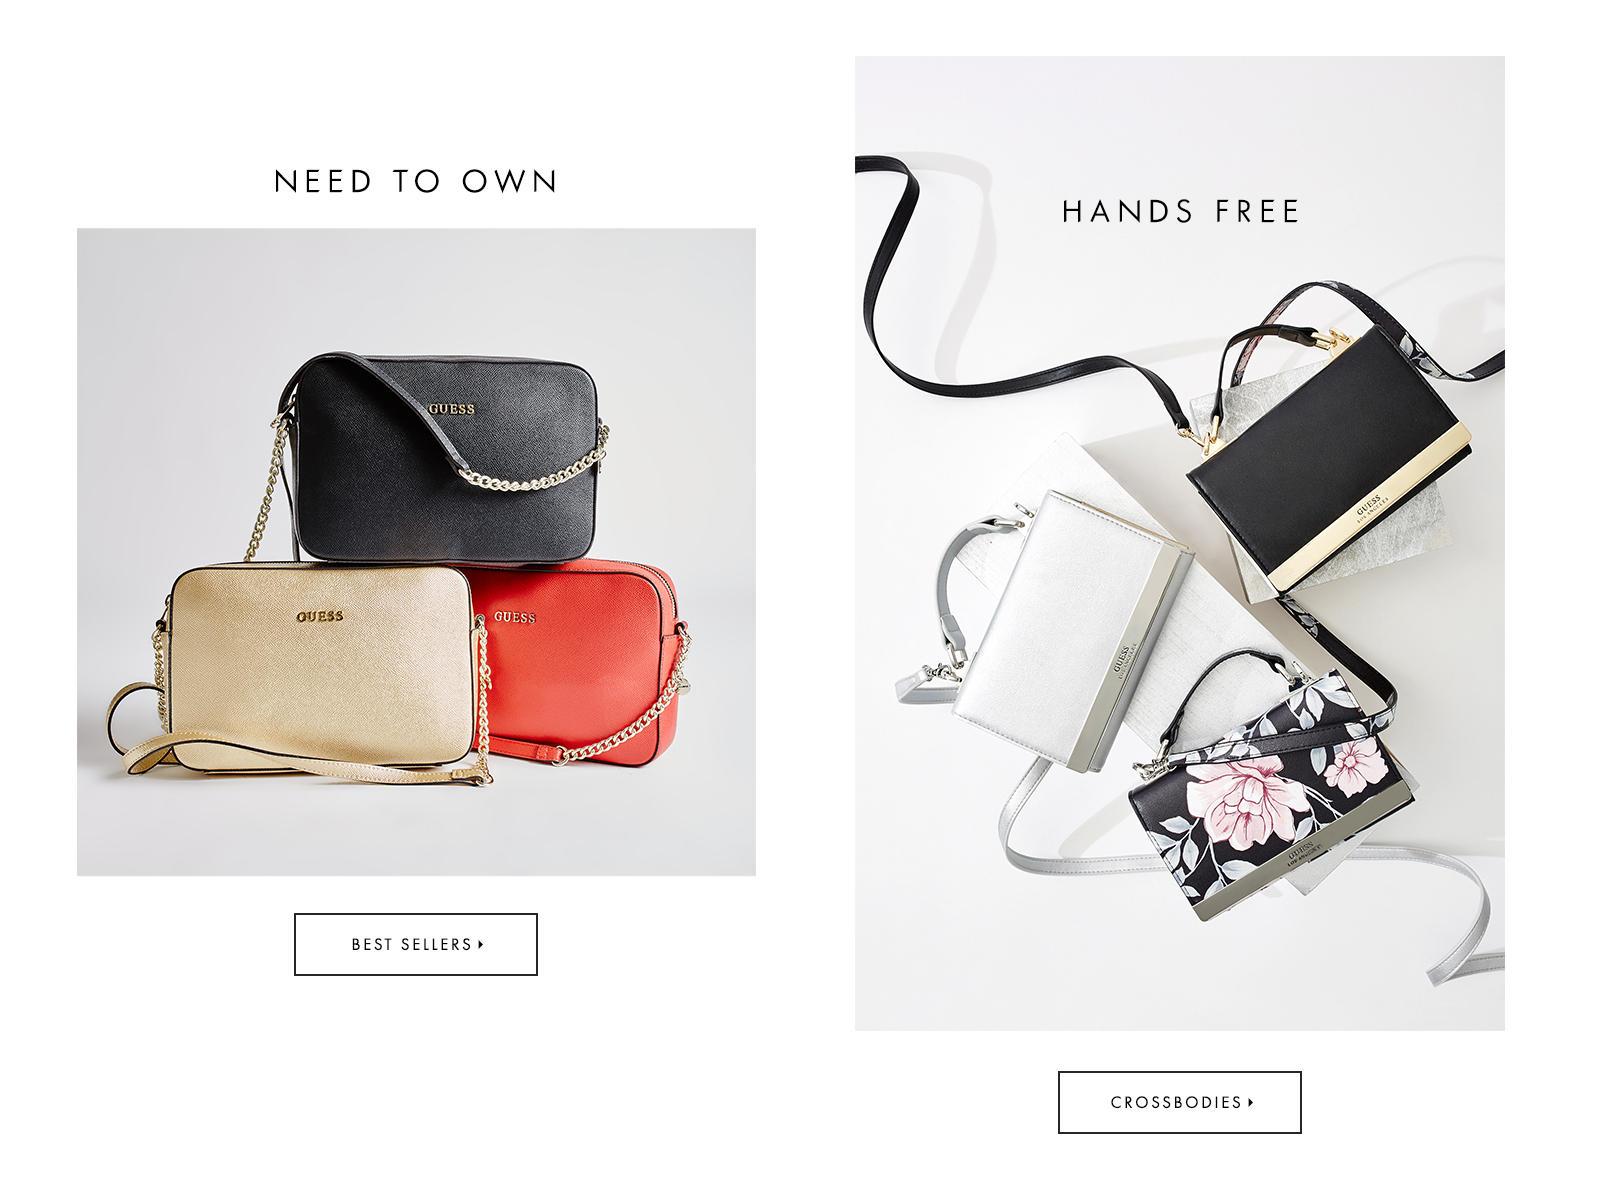 Handbag Best Sellers and Crossbodies